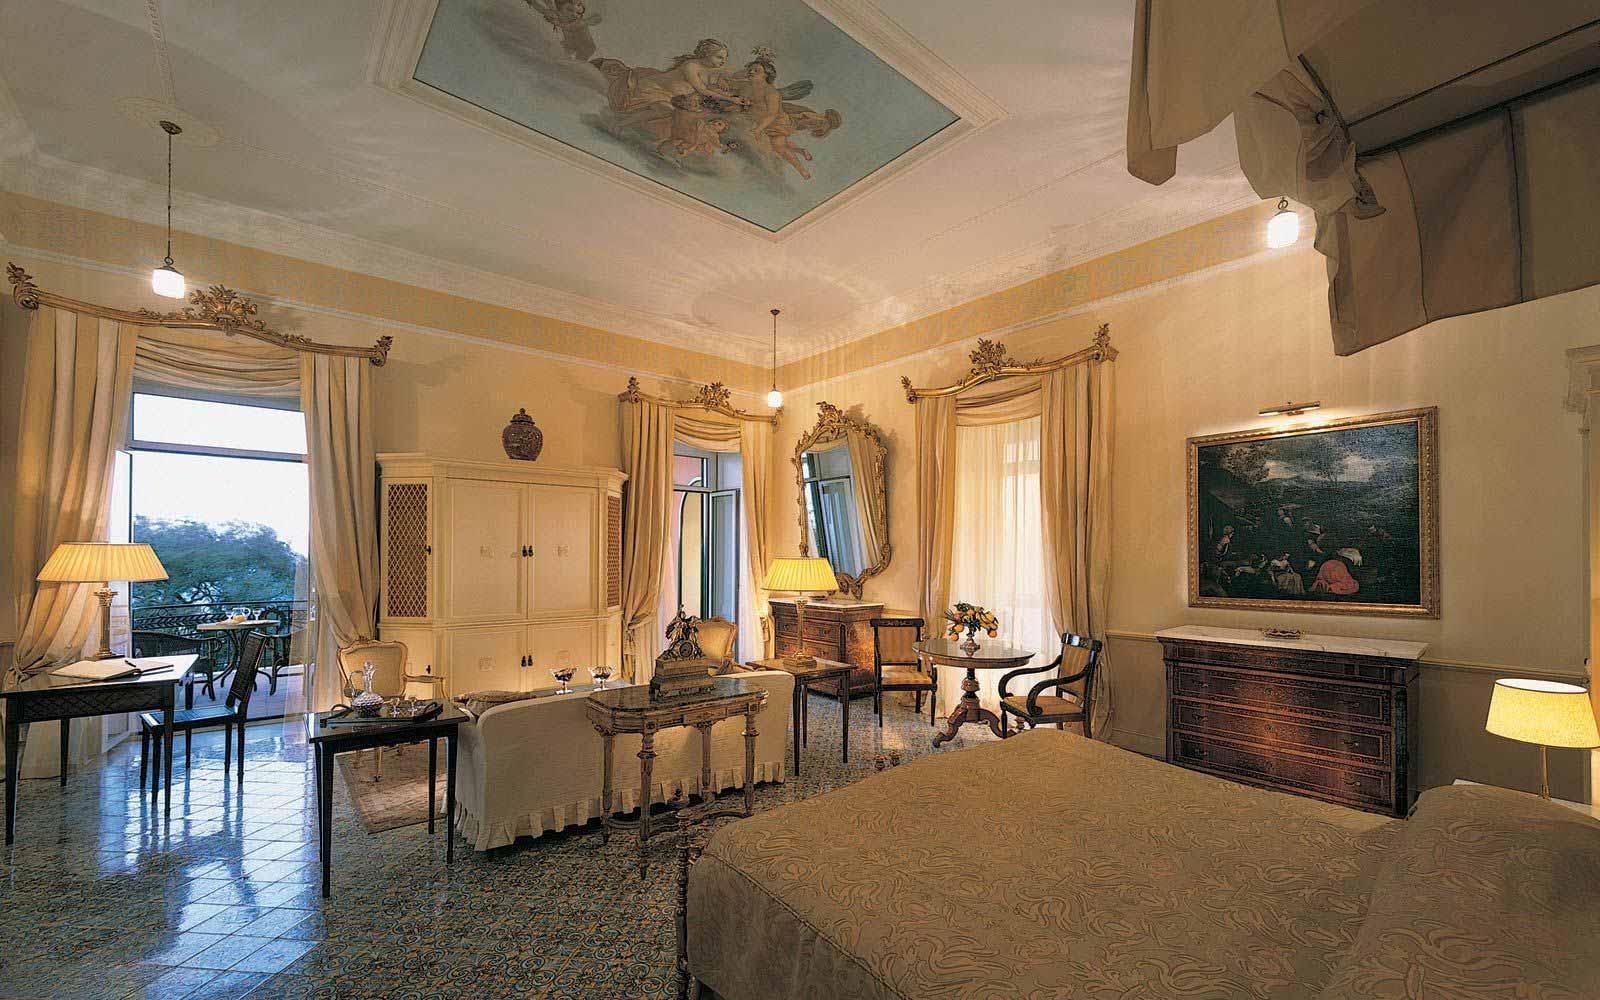 Pavarotti Suite at the Grand Hotel Excelsior Vittoria